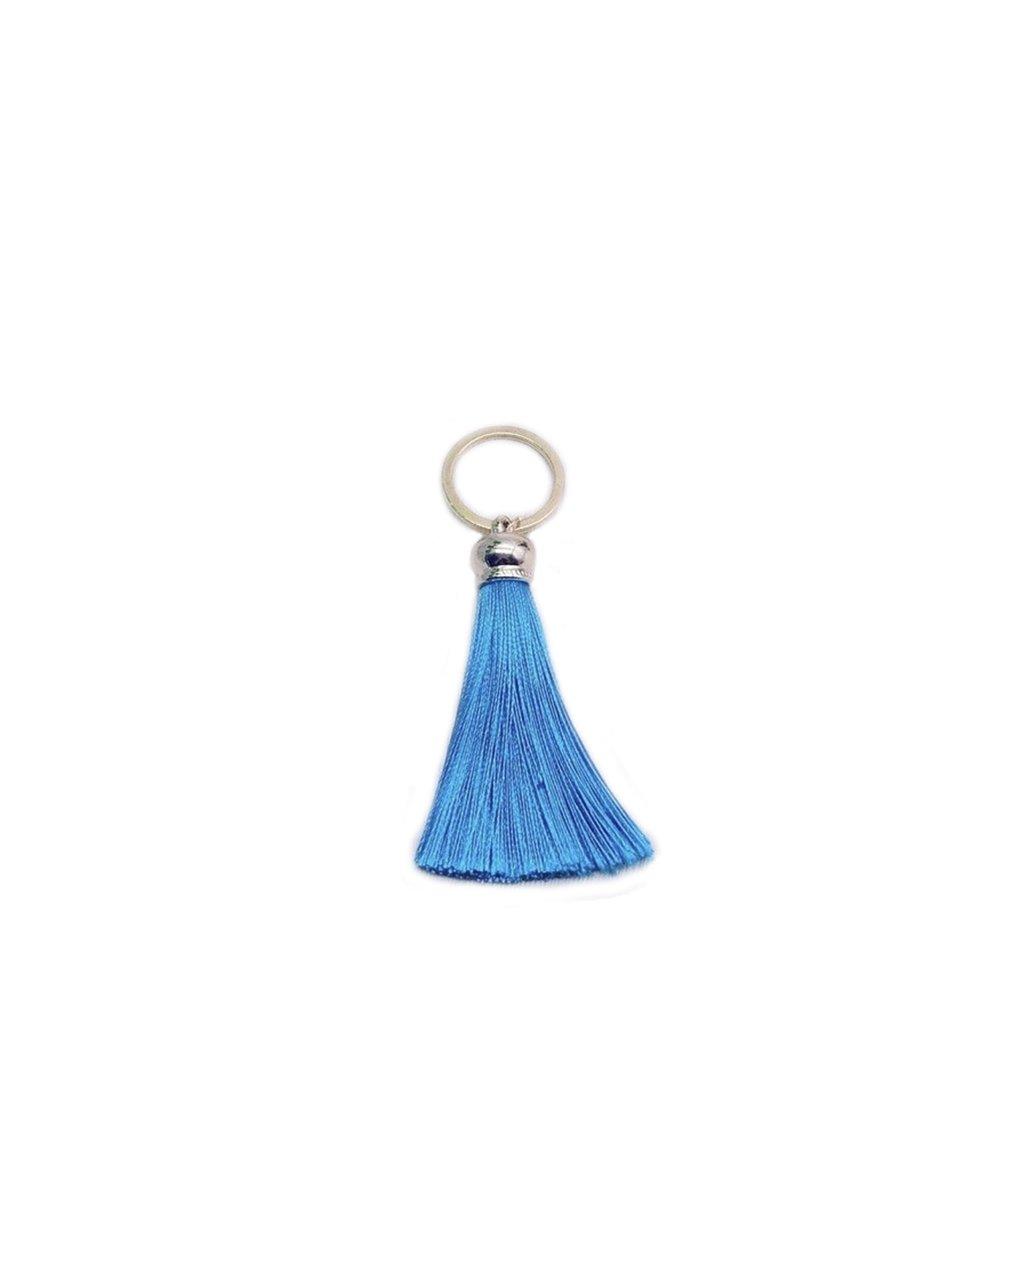 Přívěšek na klíče bohémský modrý střapec